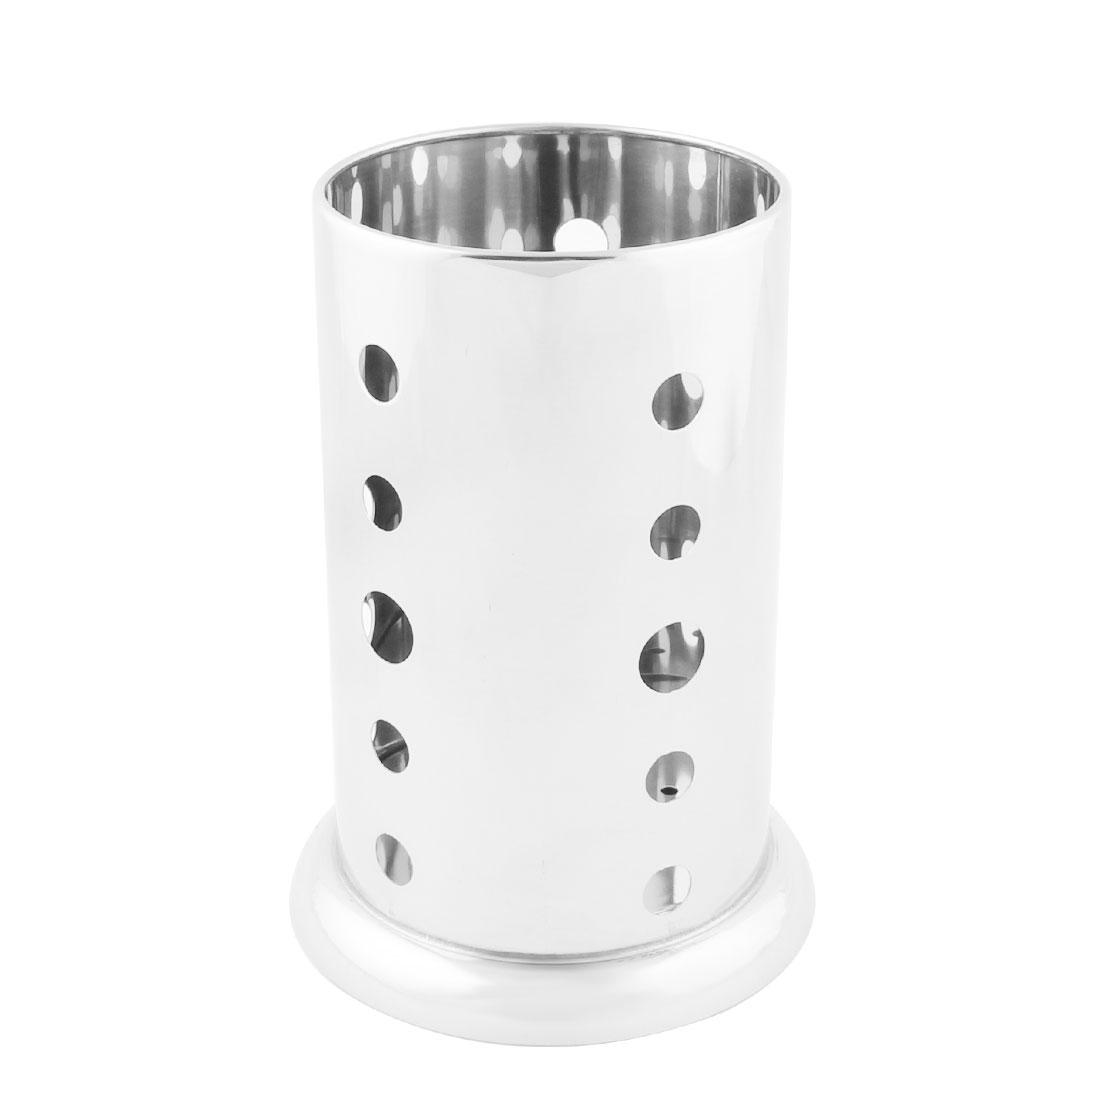 Kitchen Stainless Steel Hollow Bottom Spoon Fork Chopsticks Holder Case Cage 12 x 17cm